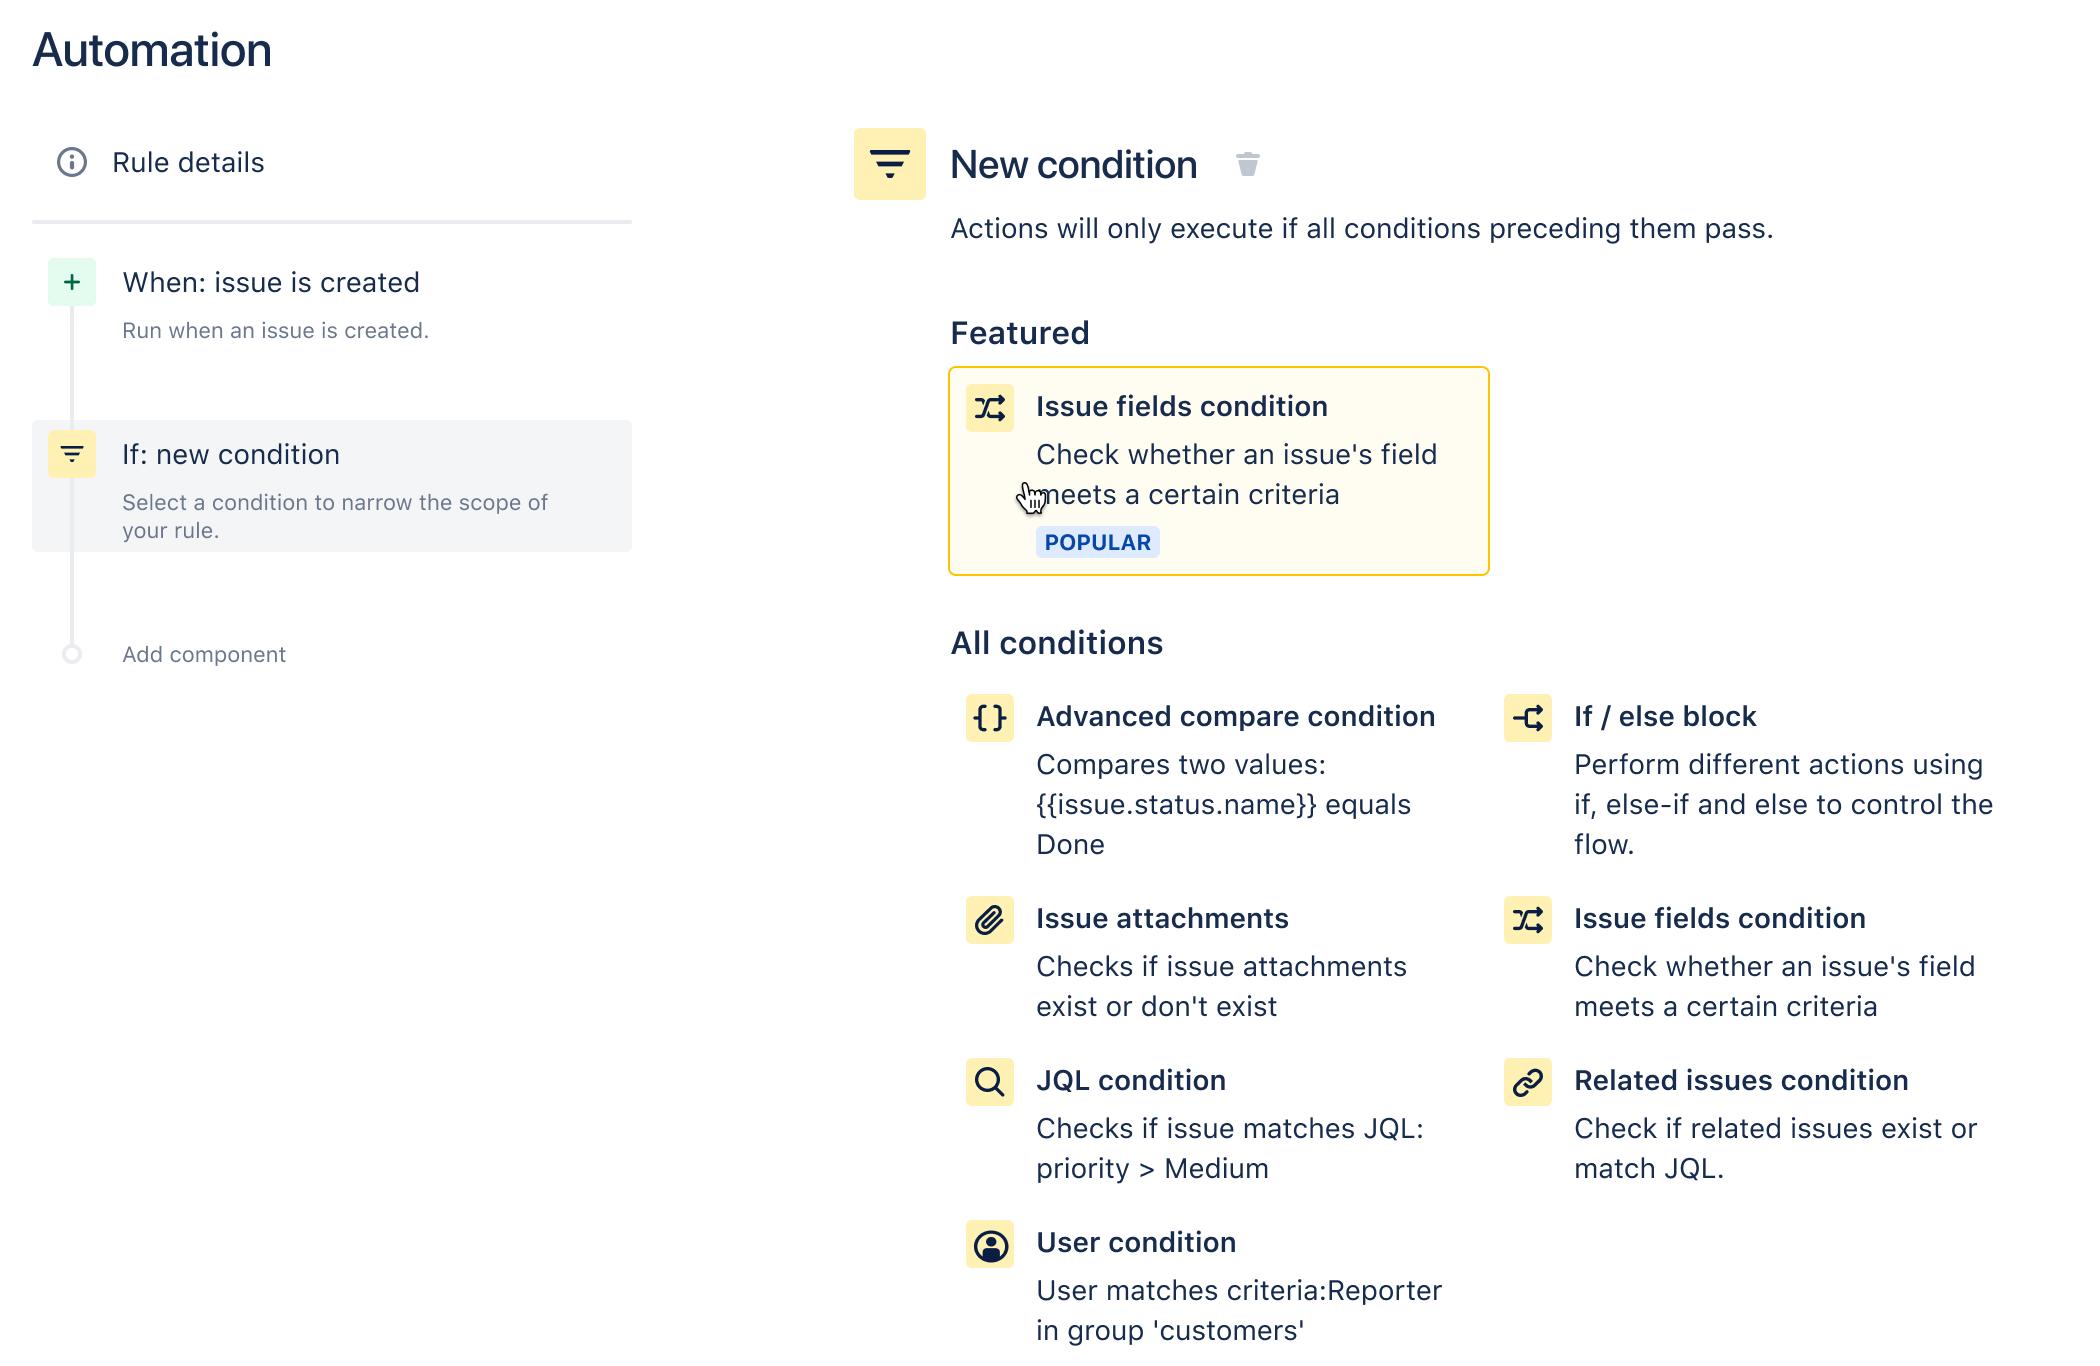 La lista de condiciones disponibles cuando se crea una regla.